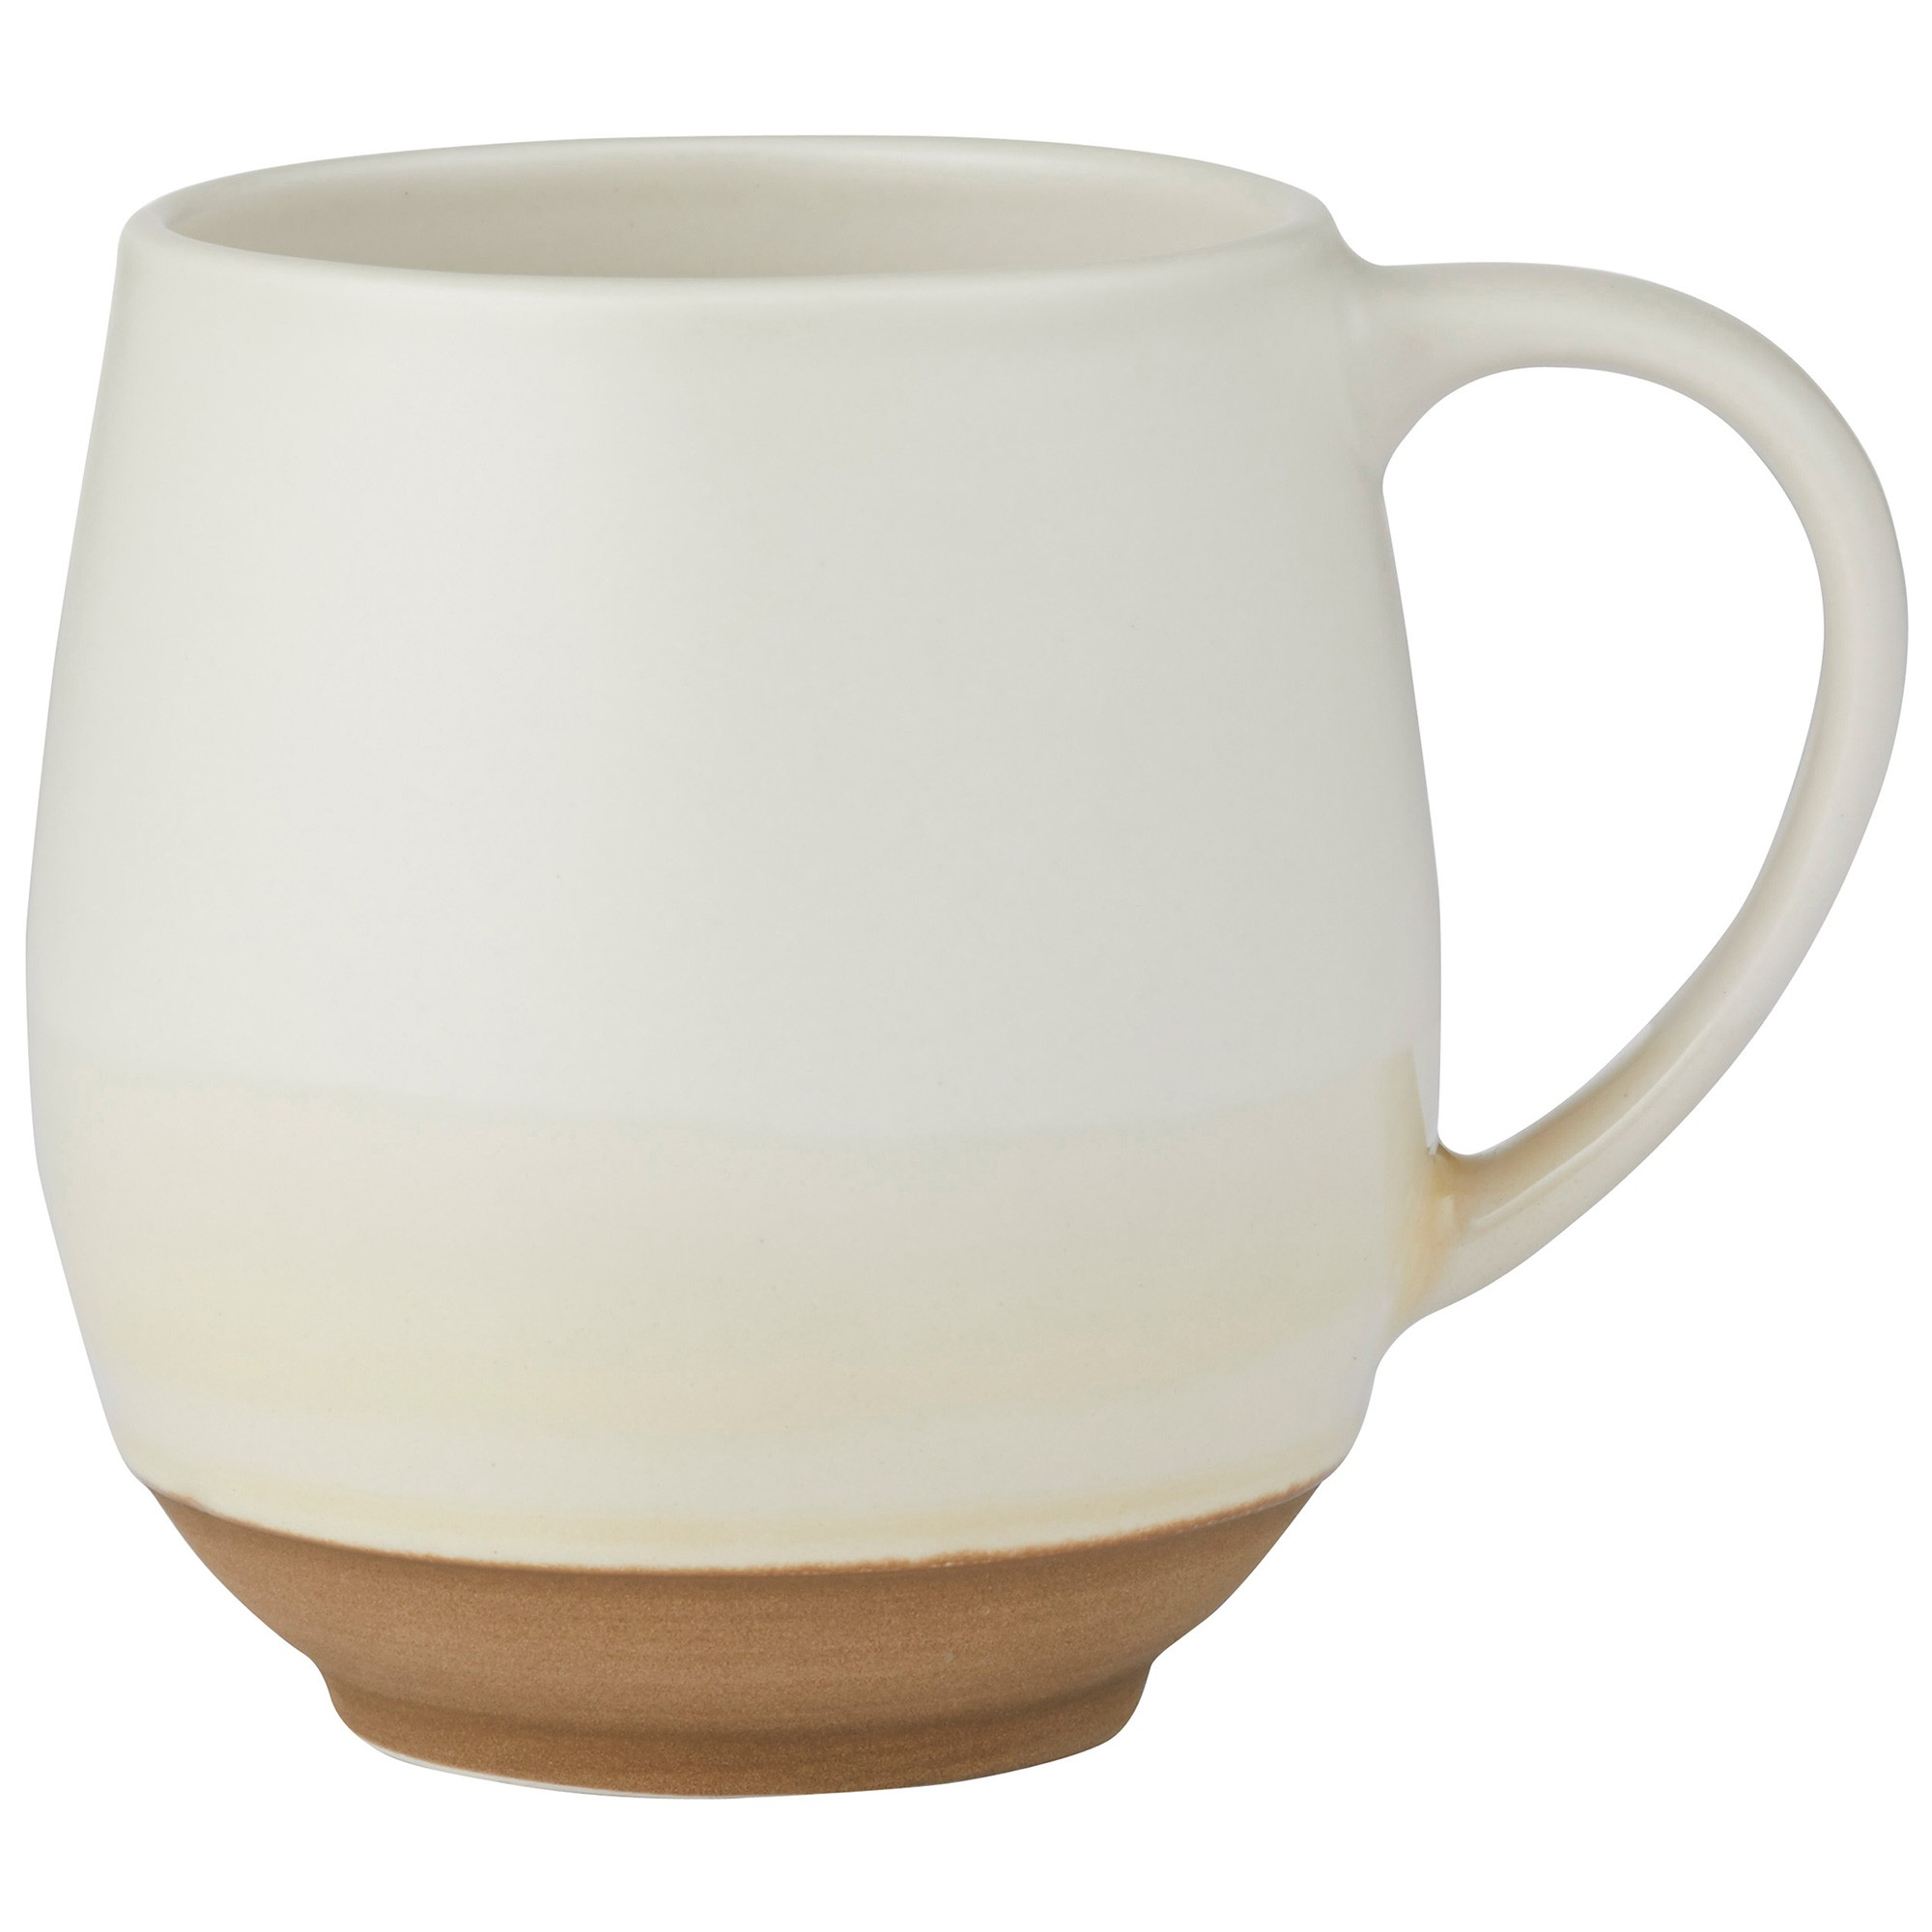 Moss Ceramic Mug, Cream